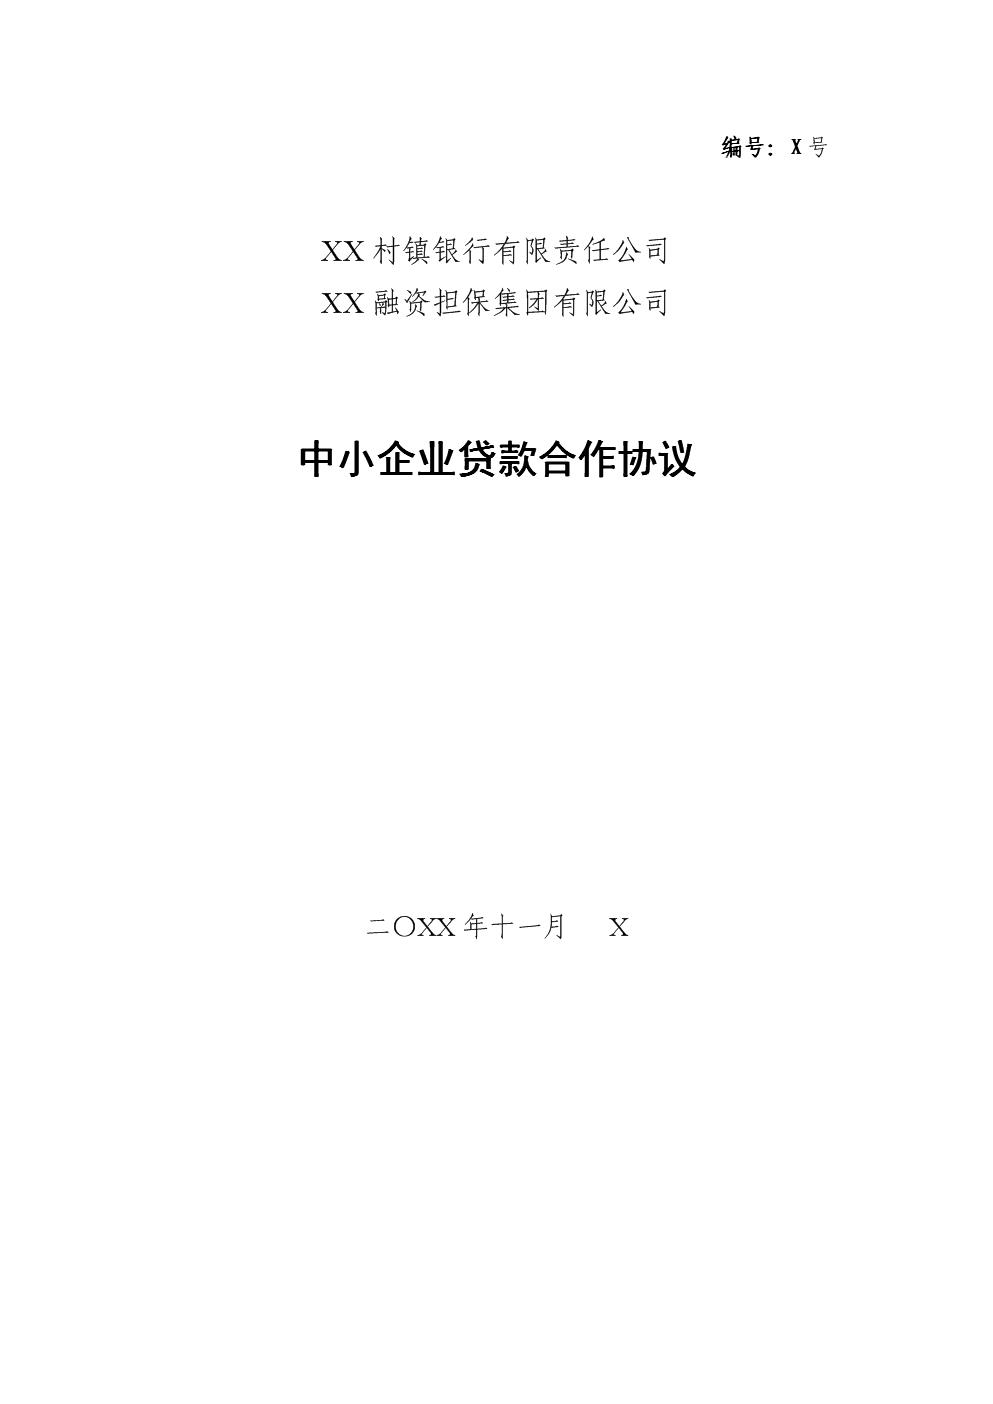 银行与担保公司中小企业贷款合作协议.doc